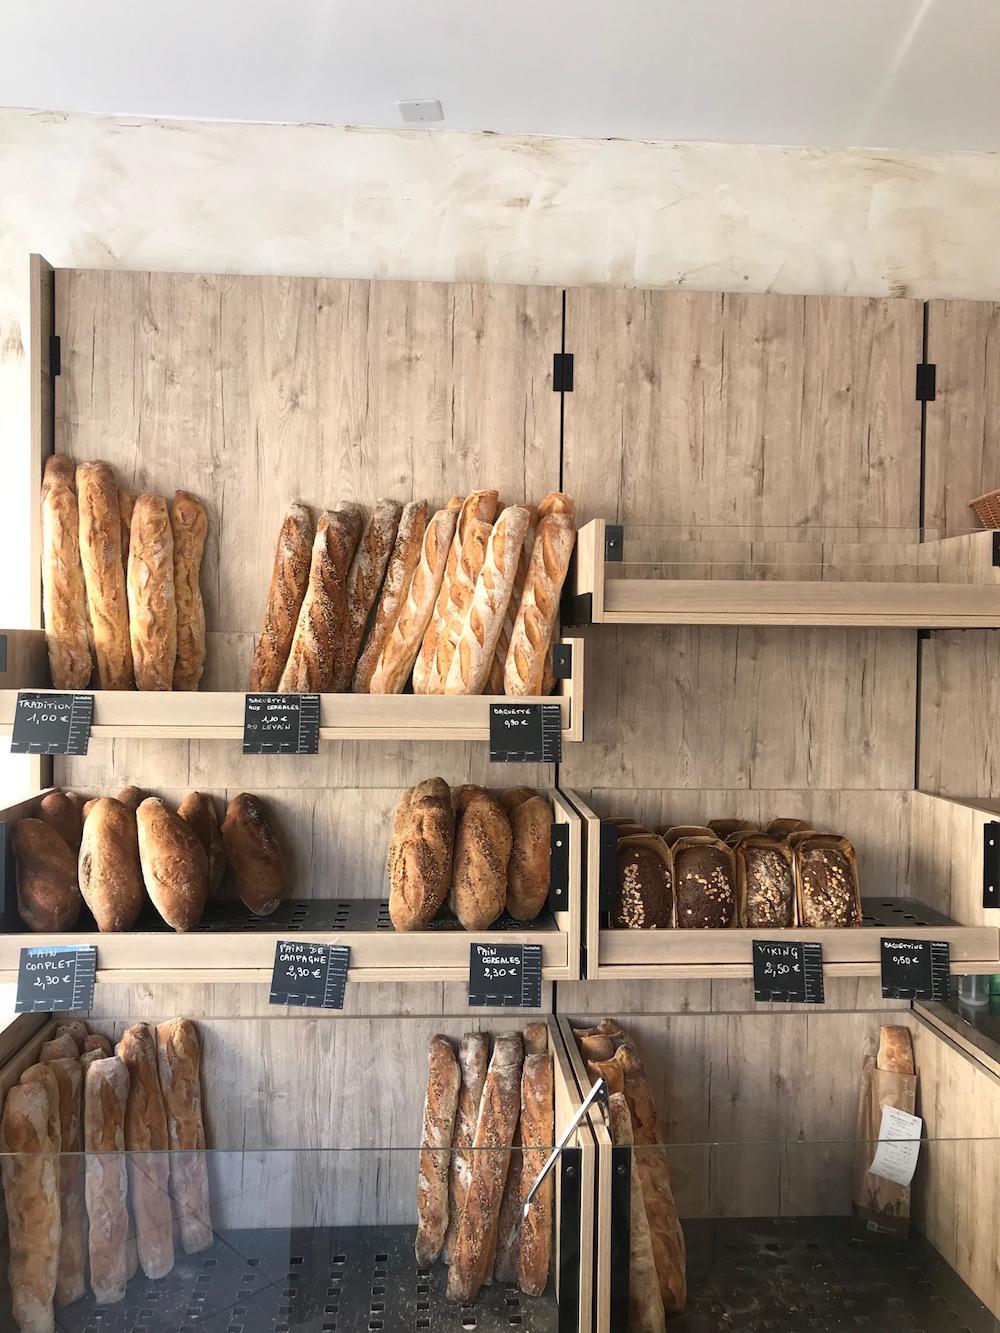 Quase todas as manhãs eu buscava meu café nesta boulangerie, em frente à estação do tram (trem de superfície da cidade) mais perto da escola.